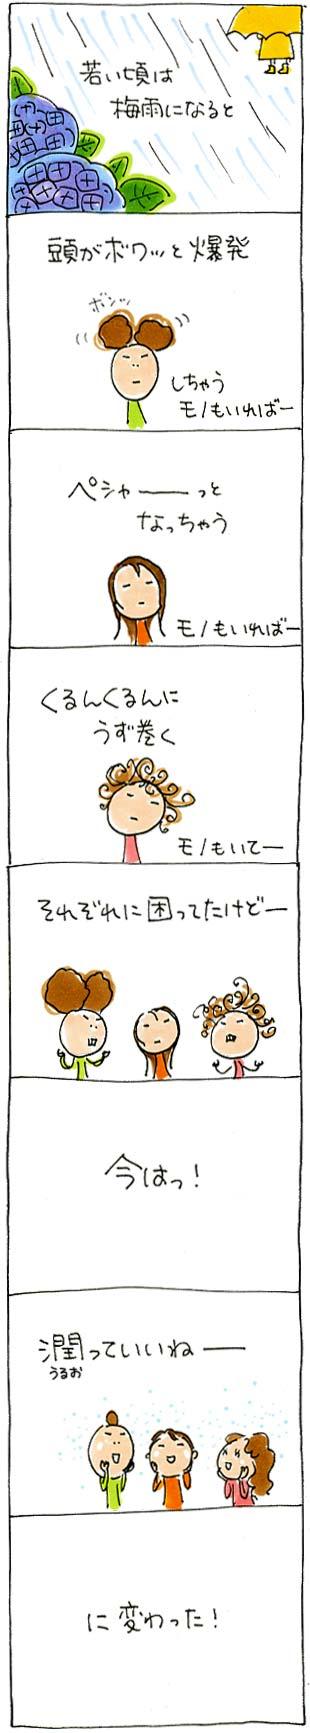 梅雨の髪の毛